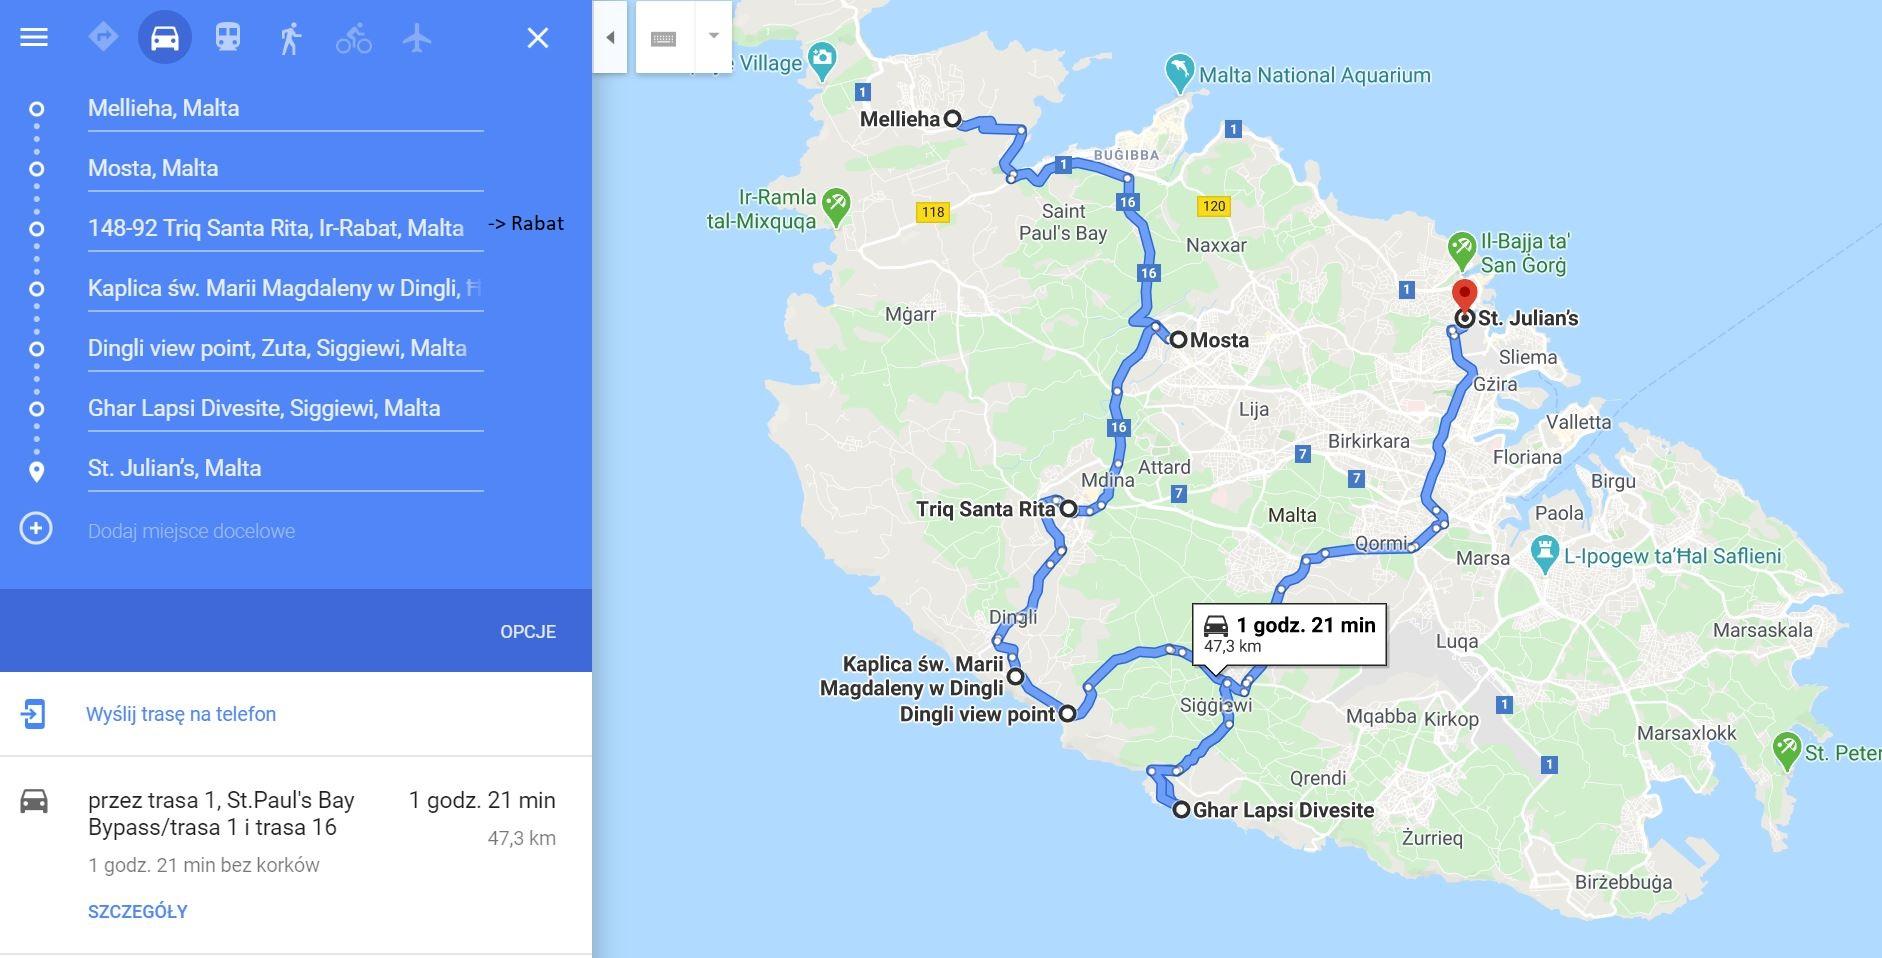 Malta, route 1